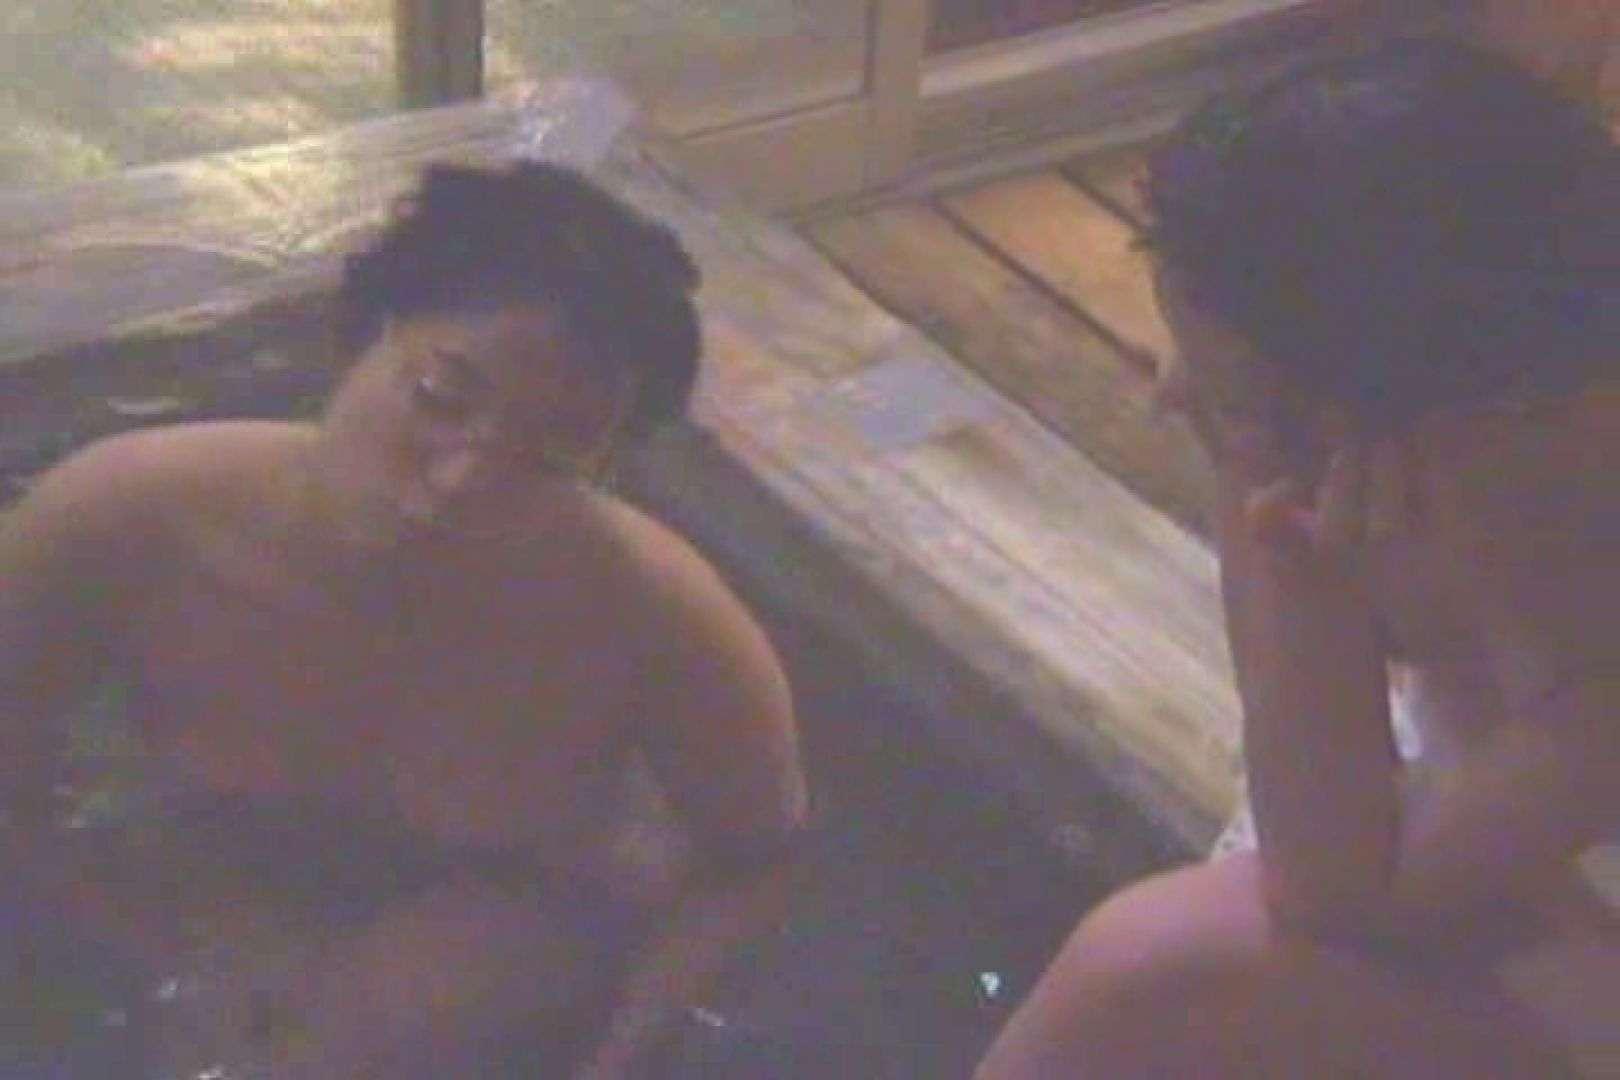 素人投稿シリーズ 盗撮 覗きの穴場 大浴場編 Vol.5 盗撮  106枚 46